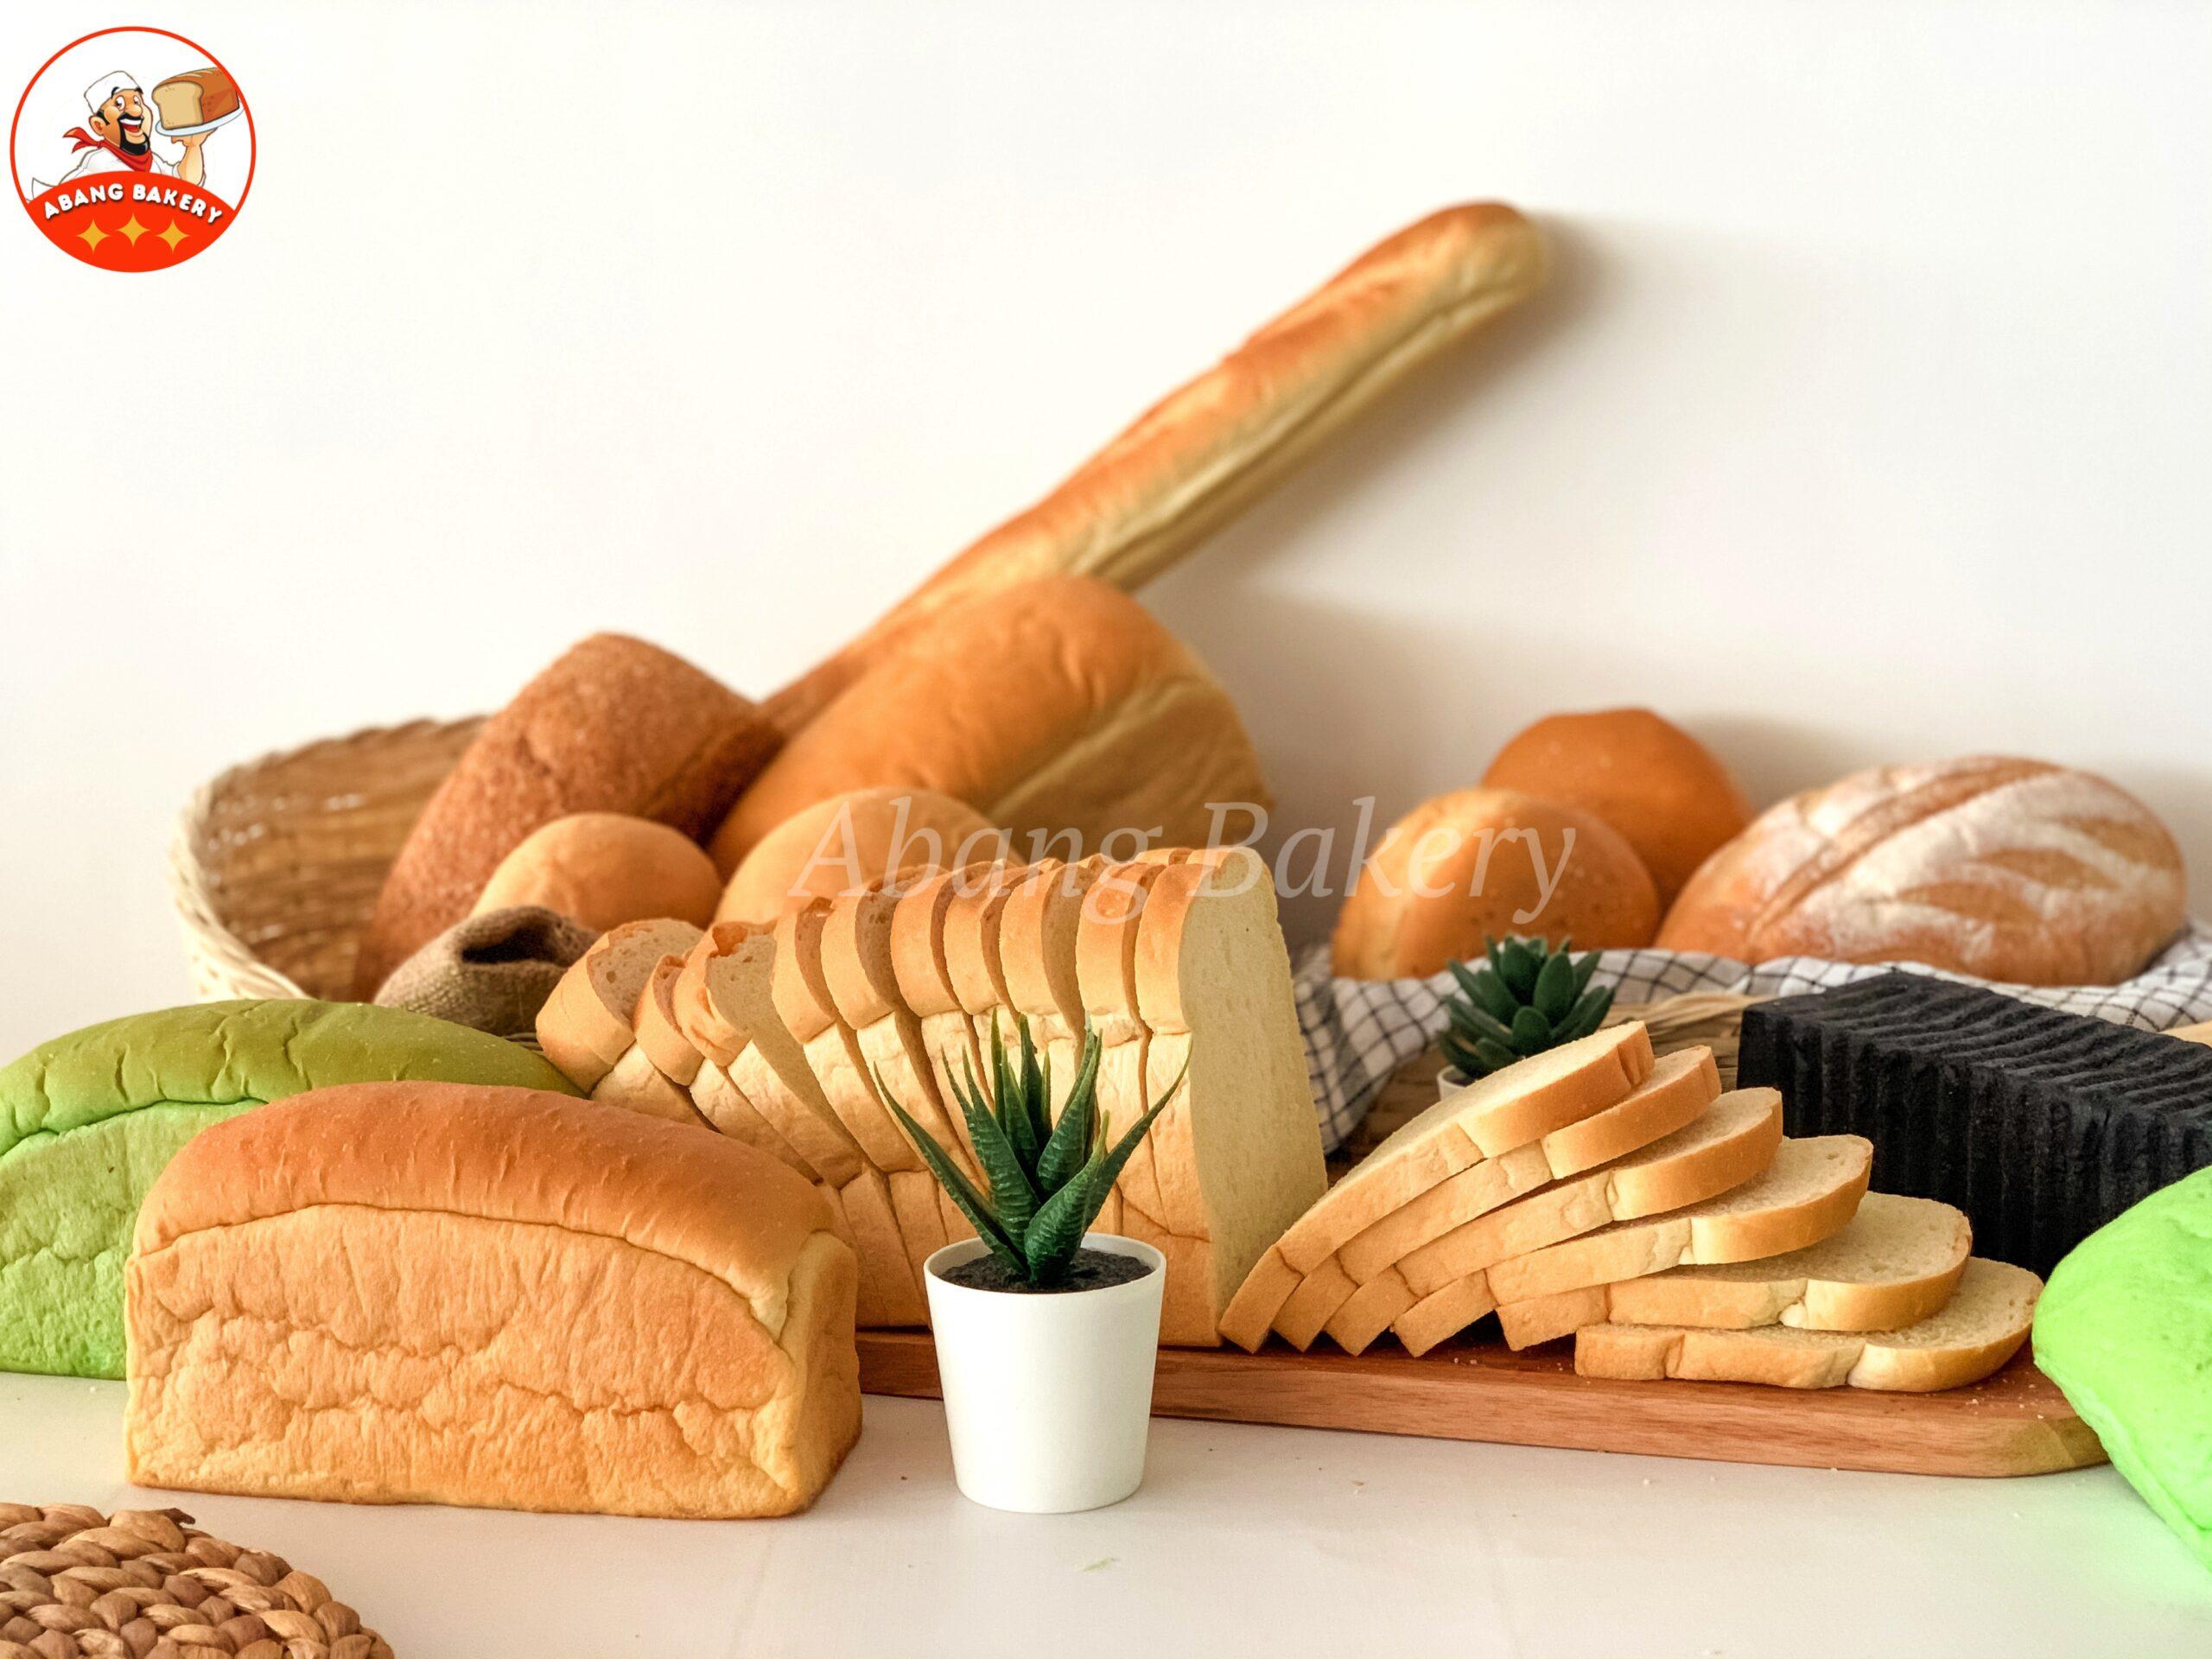 roti tawar abang bakery